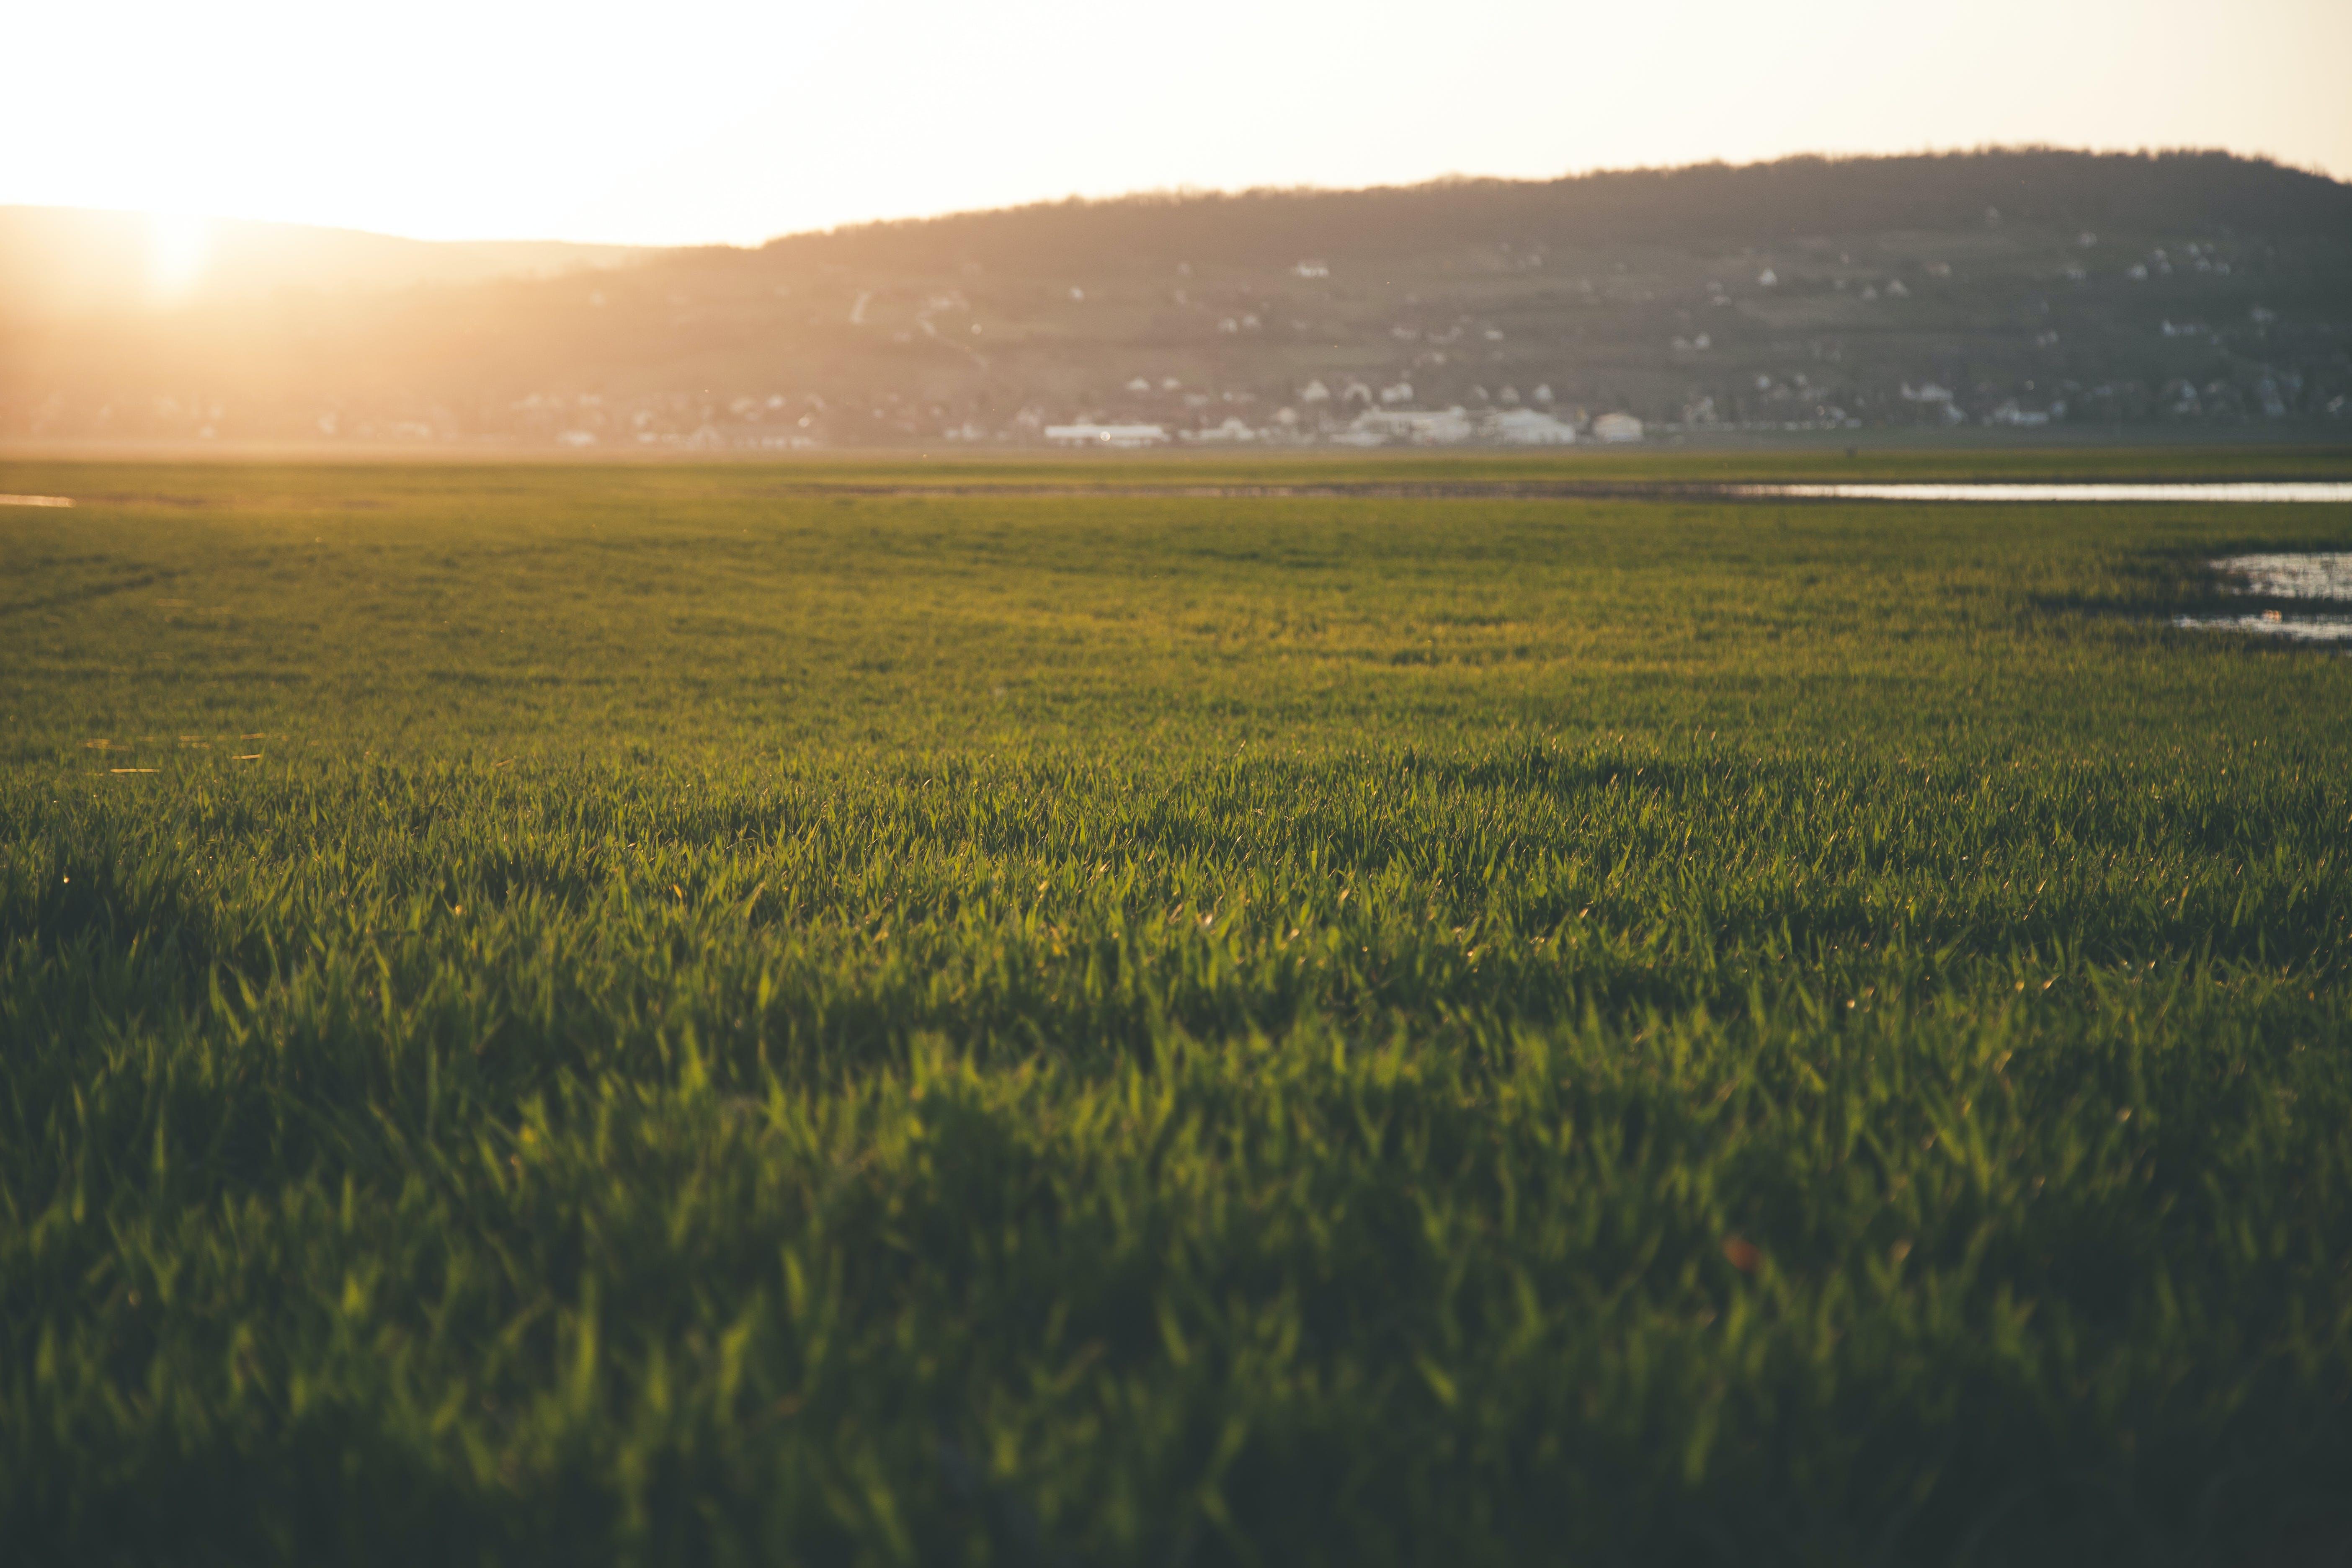 Green Grass Field during Sun Rise